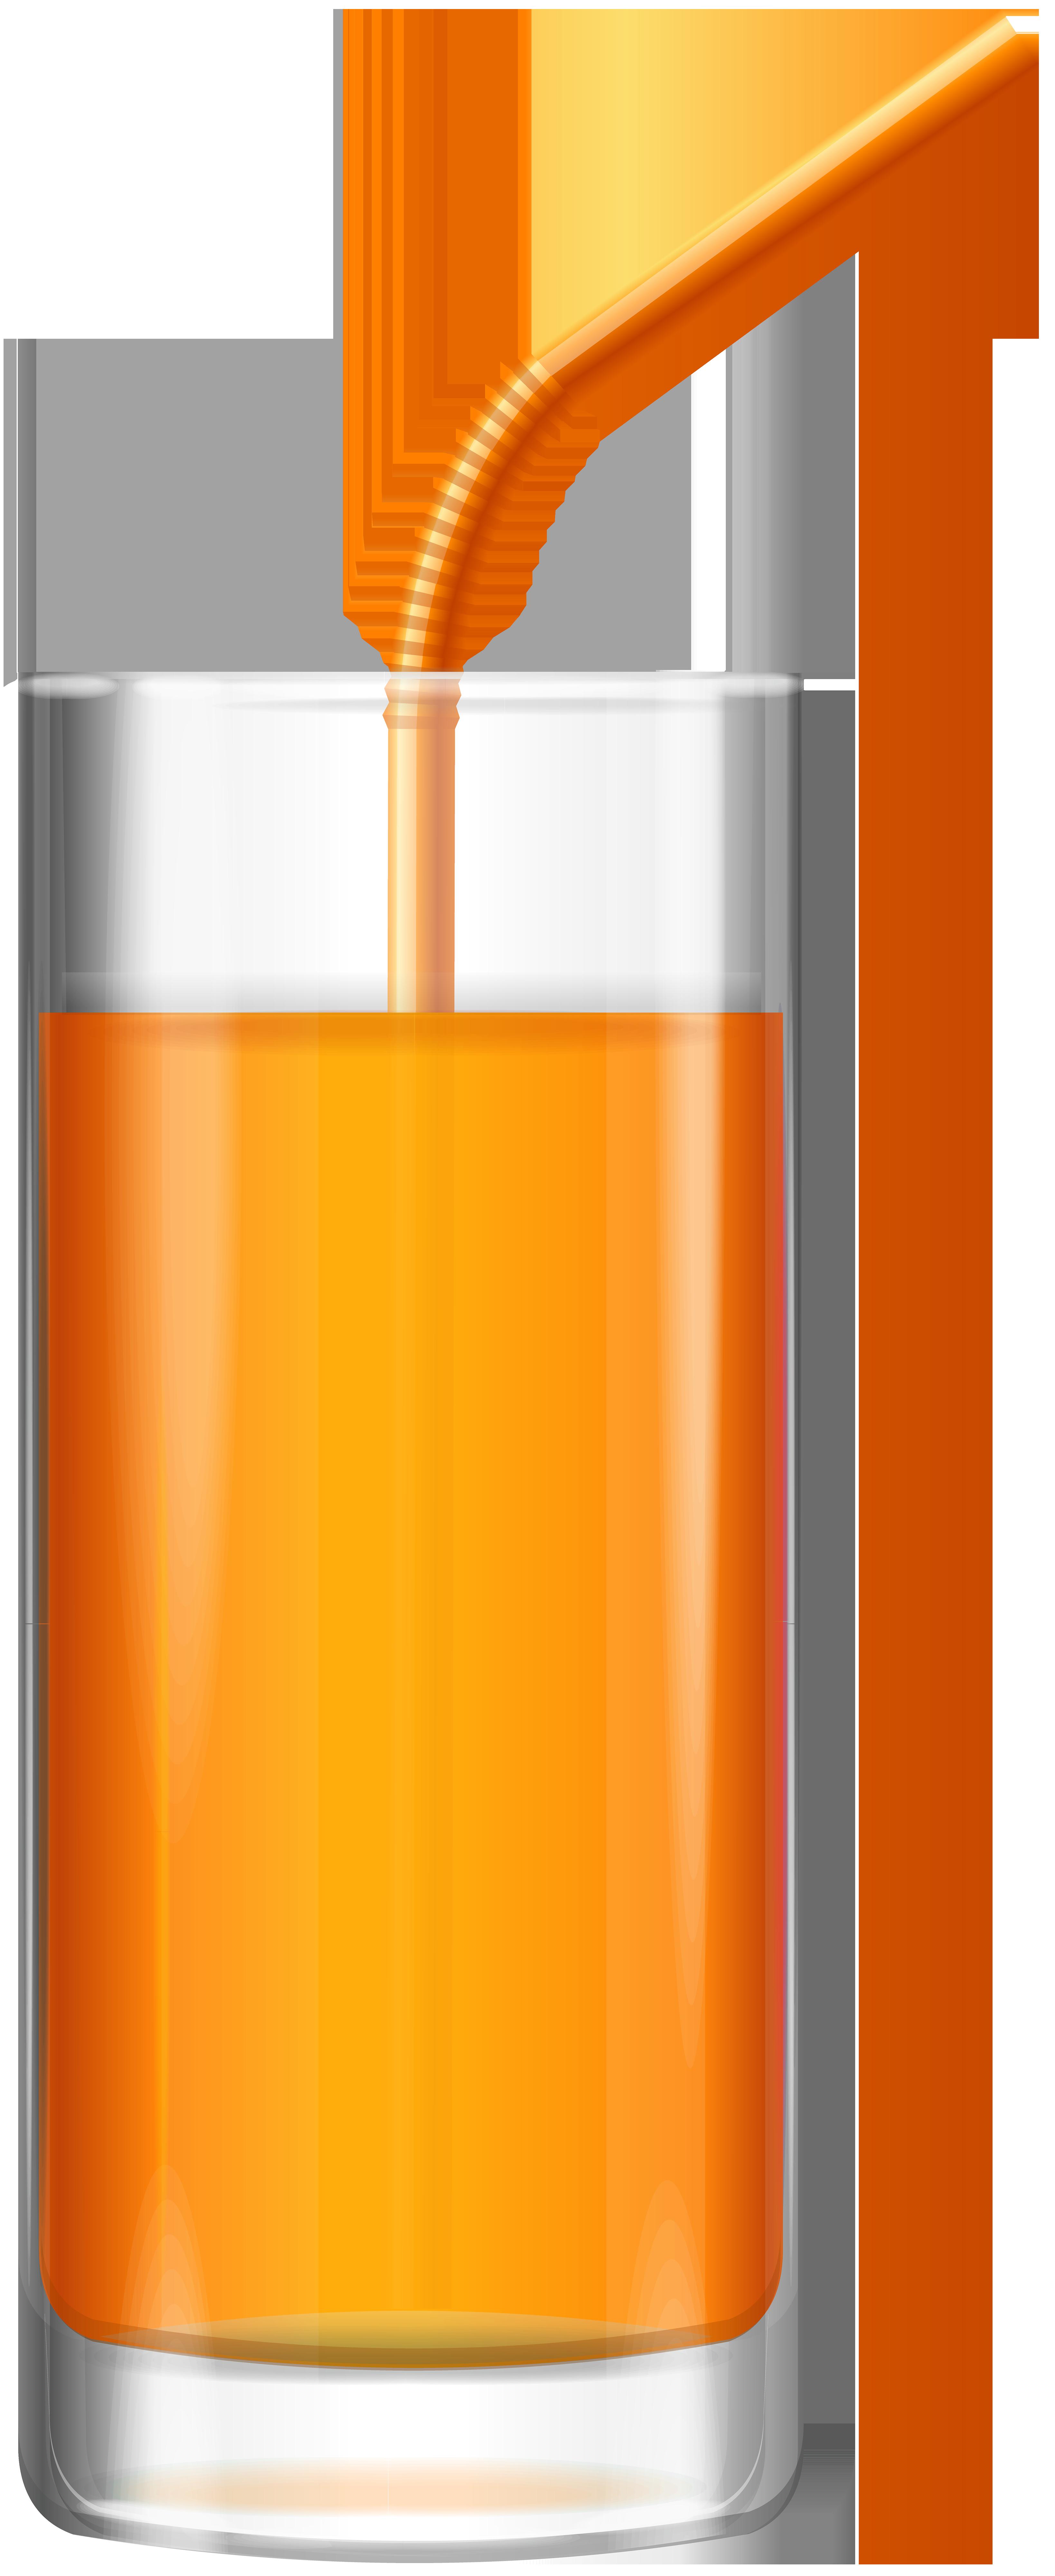 Juice clipart. Orange png clip art